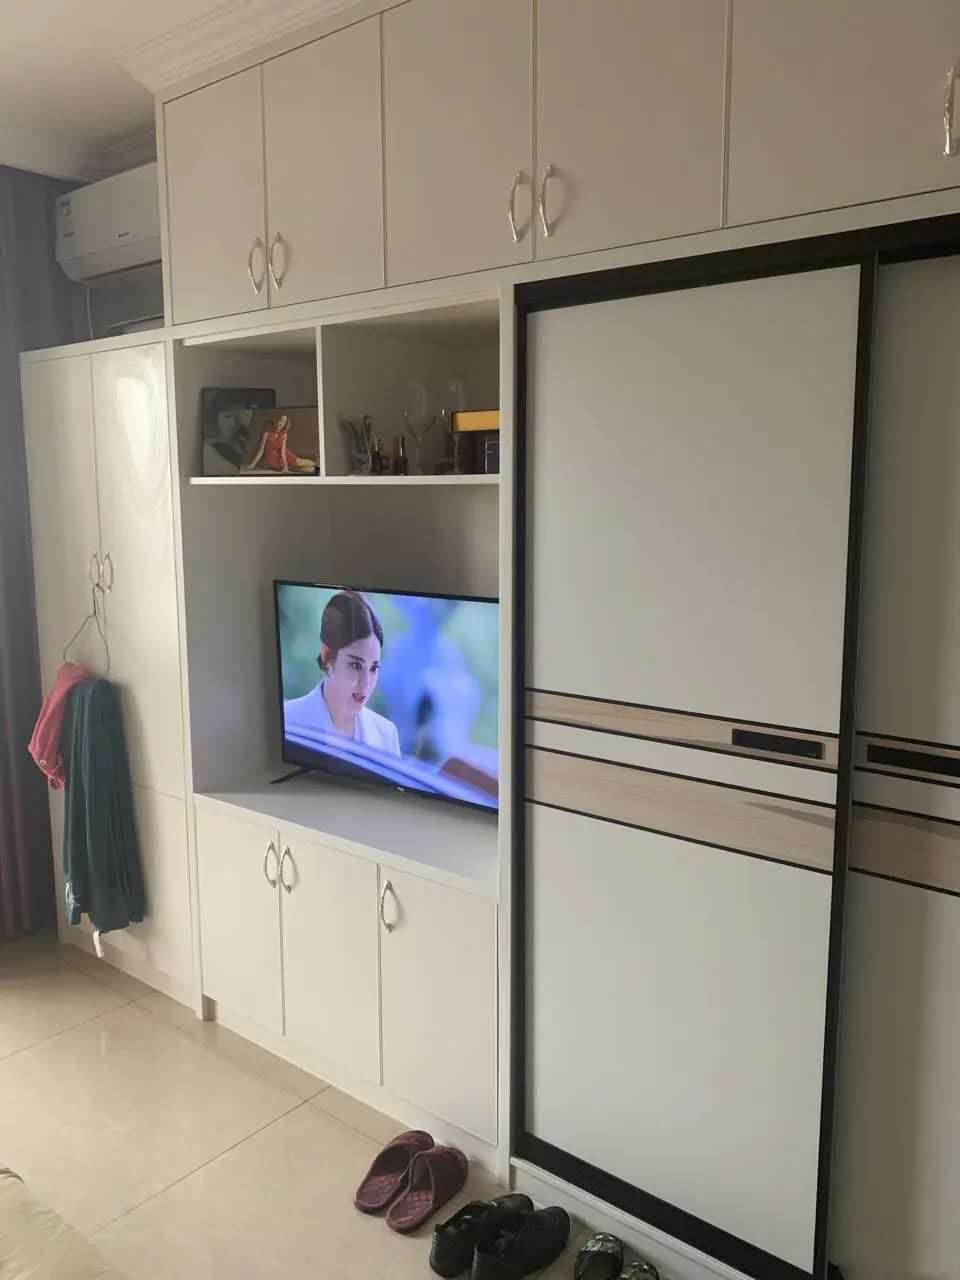 A09113出租城东和悦广场华美达单身公寓8楼,精装修,拎包入住,1700元/月的实拍照片